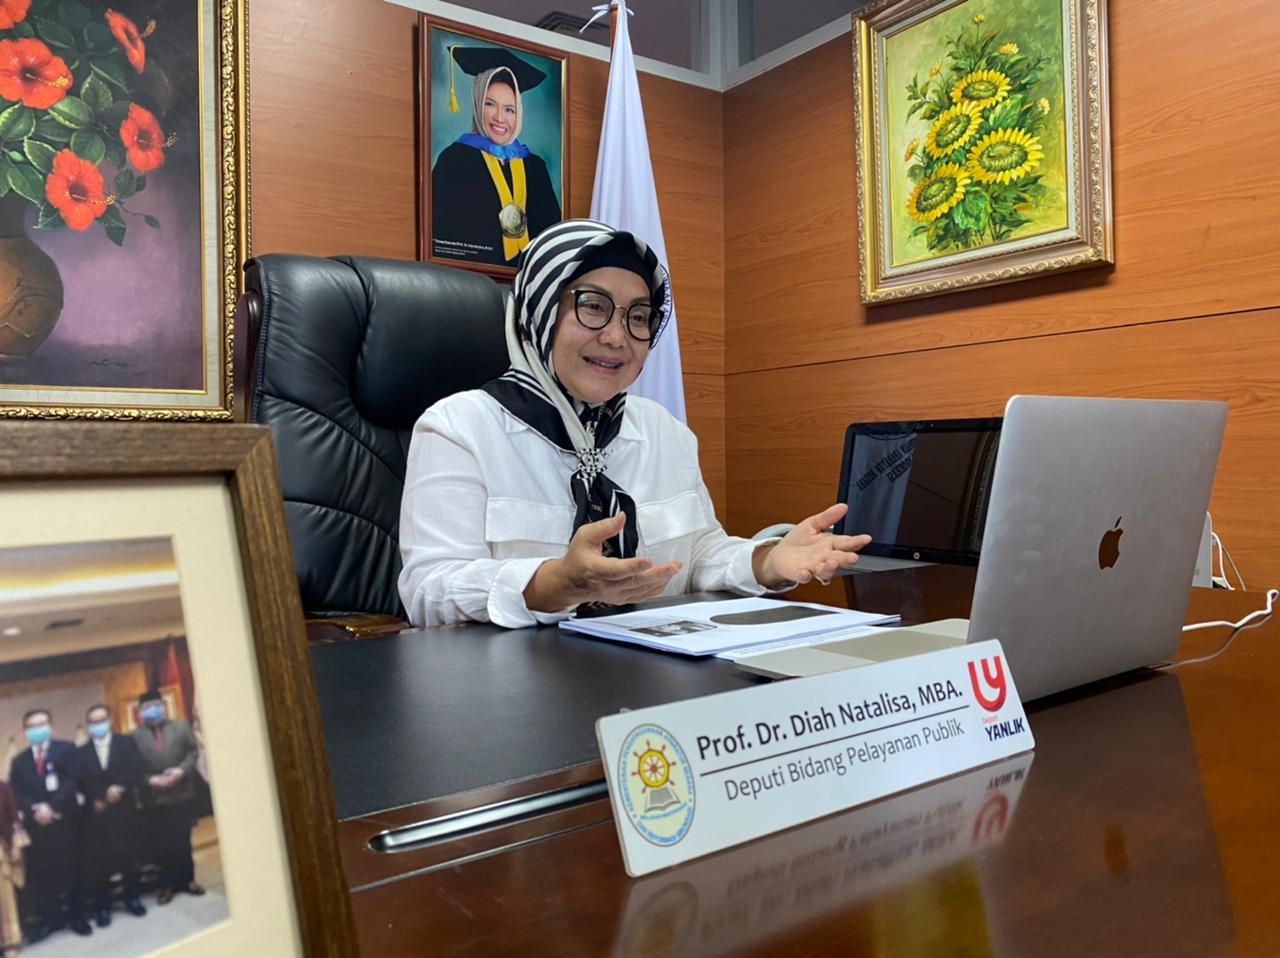 Deputi Bidang Pelayanan Publik Kemenpan RB, Diah Natalisa. FOTO: Dok. Kemenpan RB/Lingkar.co